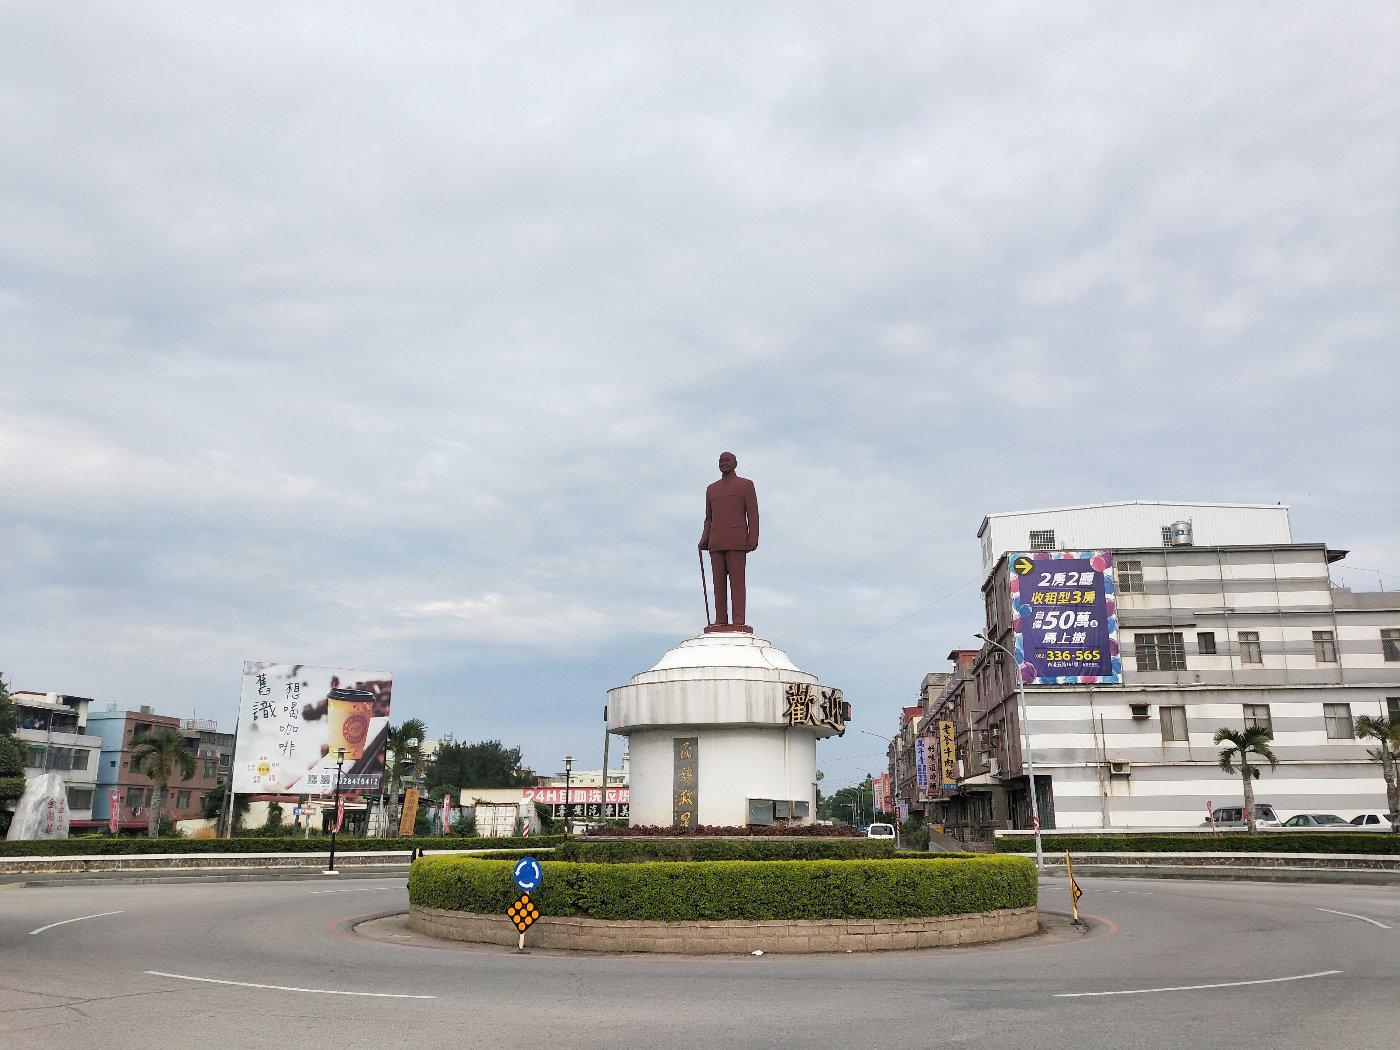 十字路口圆盘中心的孙中山先生雕像